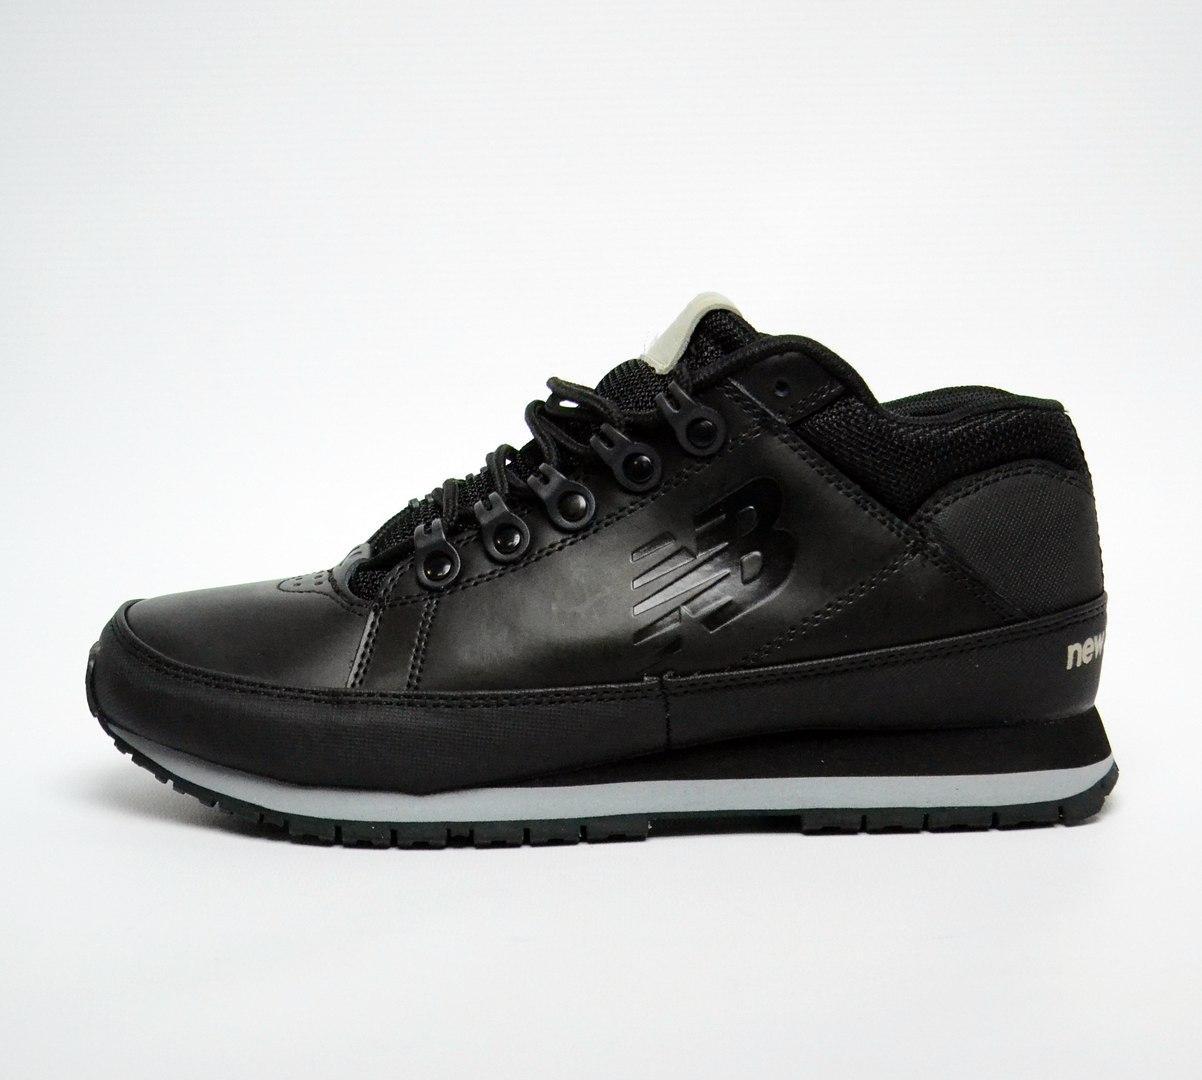 Мужские кроссовки New Balance 754 Winter Shoes черные топ реплика